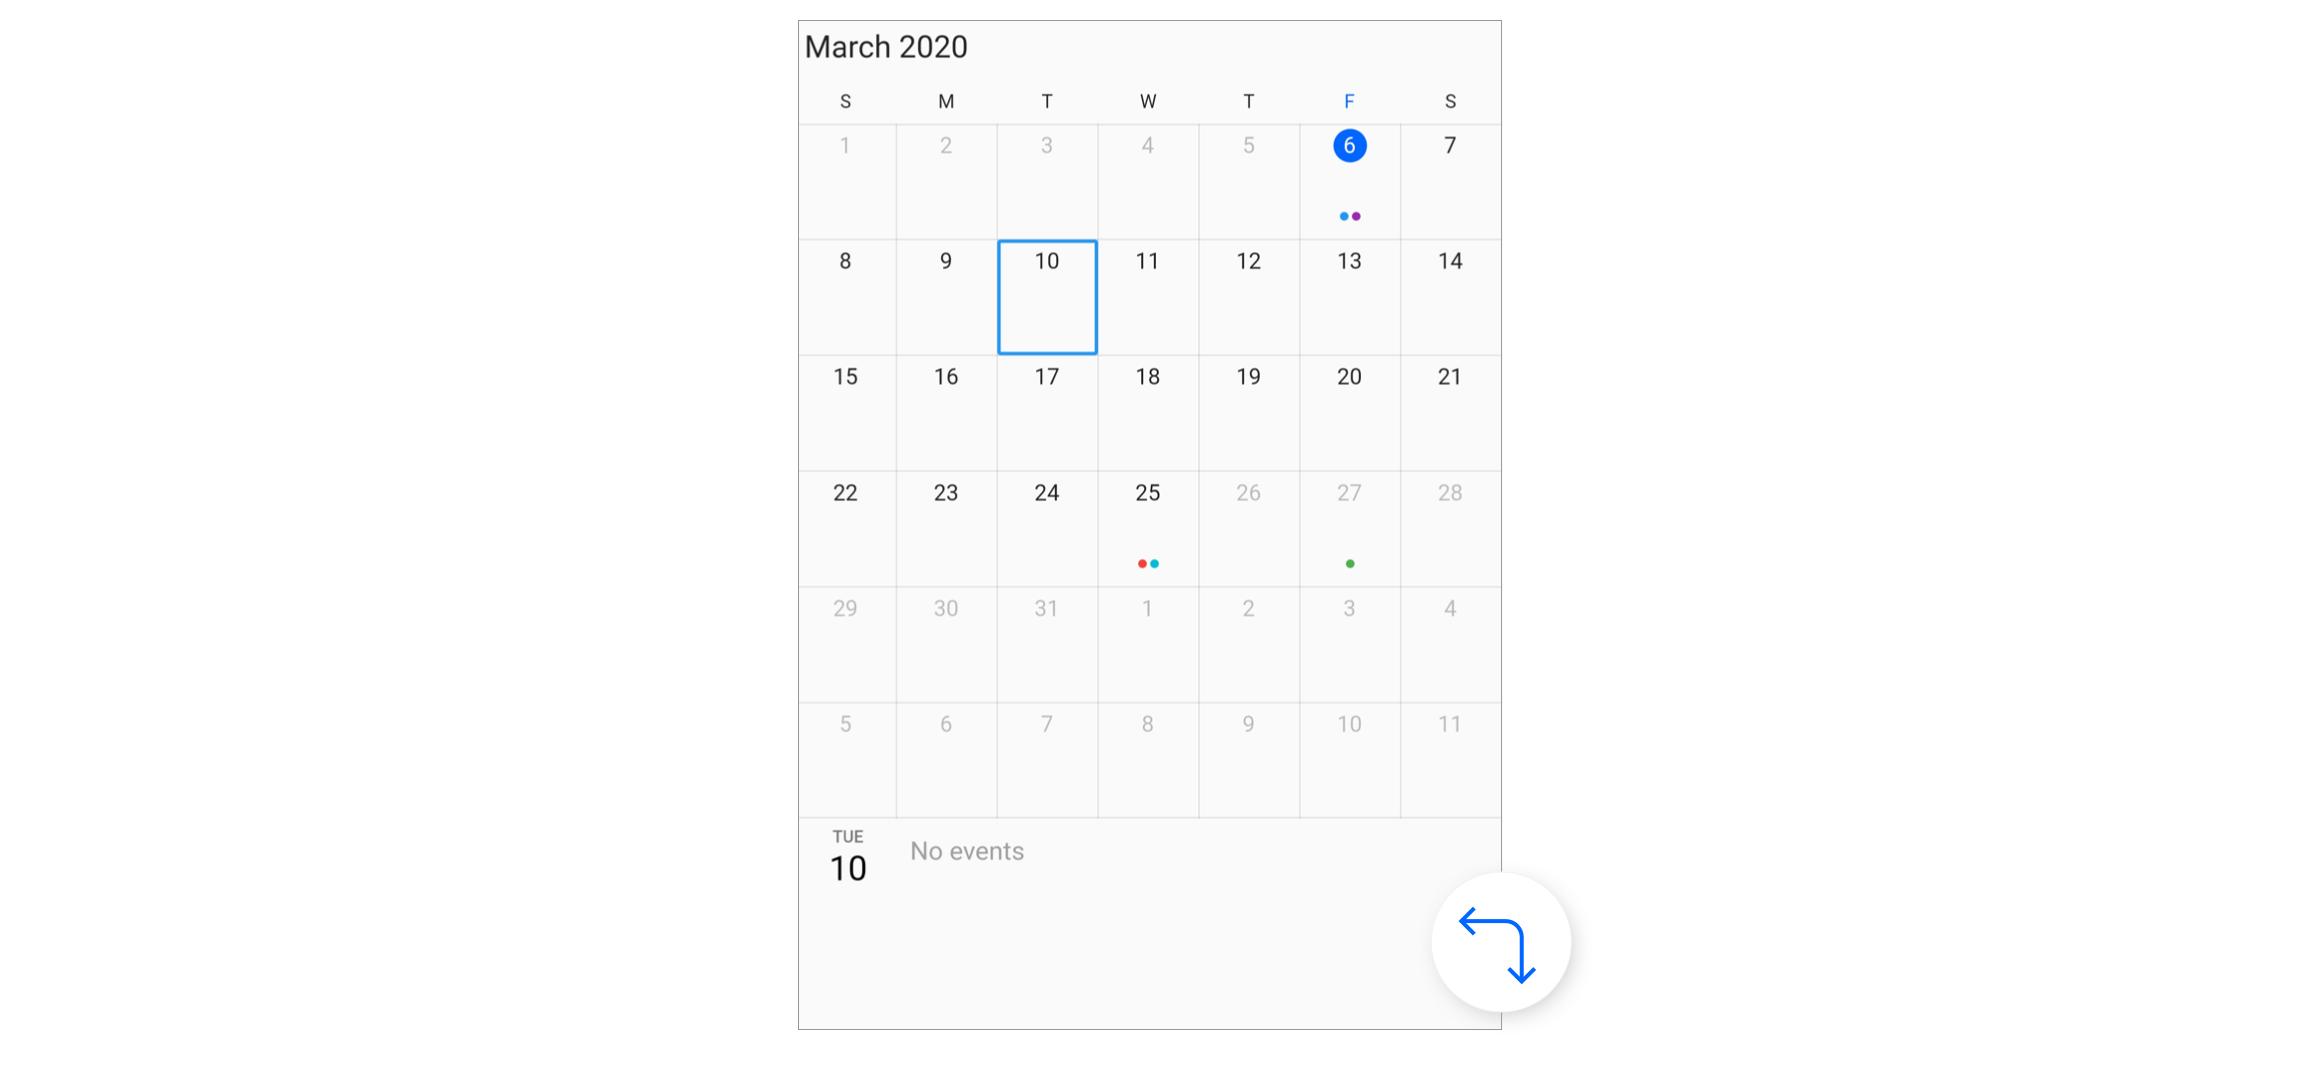 min_max_dates